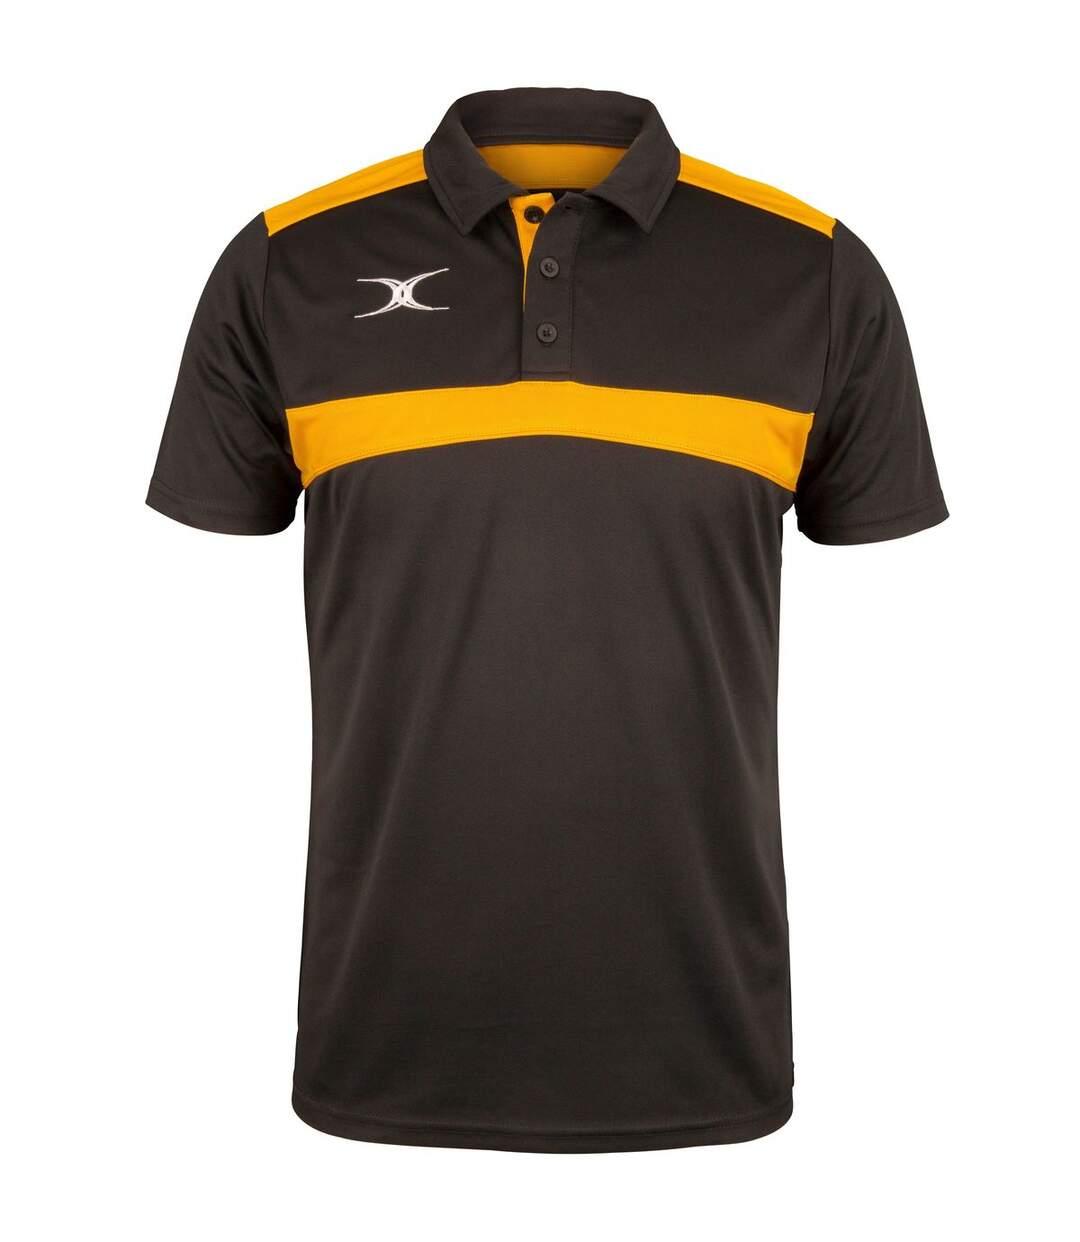 Polo de rugby manches courtes homme - GI017 - noir et jaune